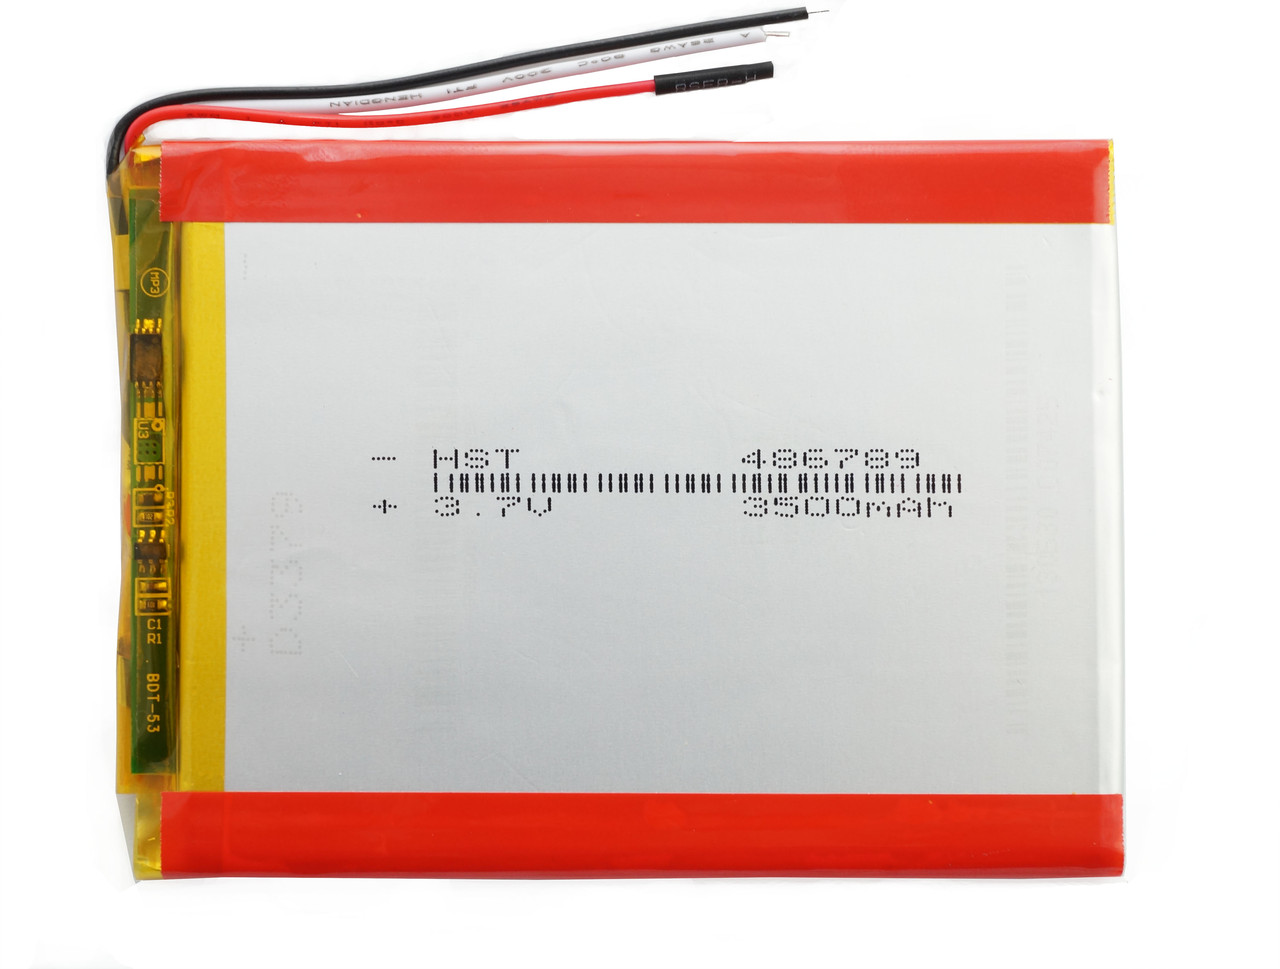 Аккумулятор для планшета 3 контакта (3 pin) 3500 mAh 456690 мм 3,7в универсальная батарея